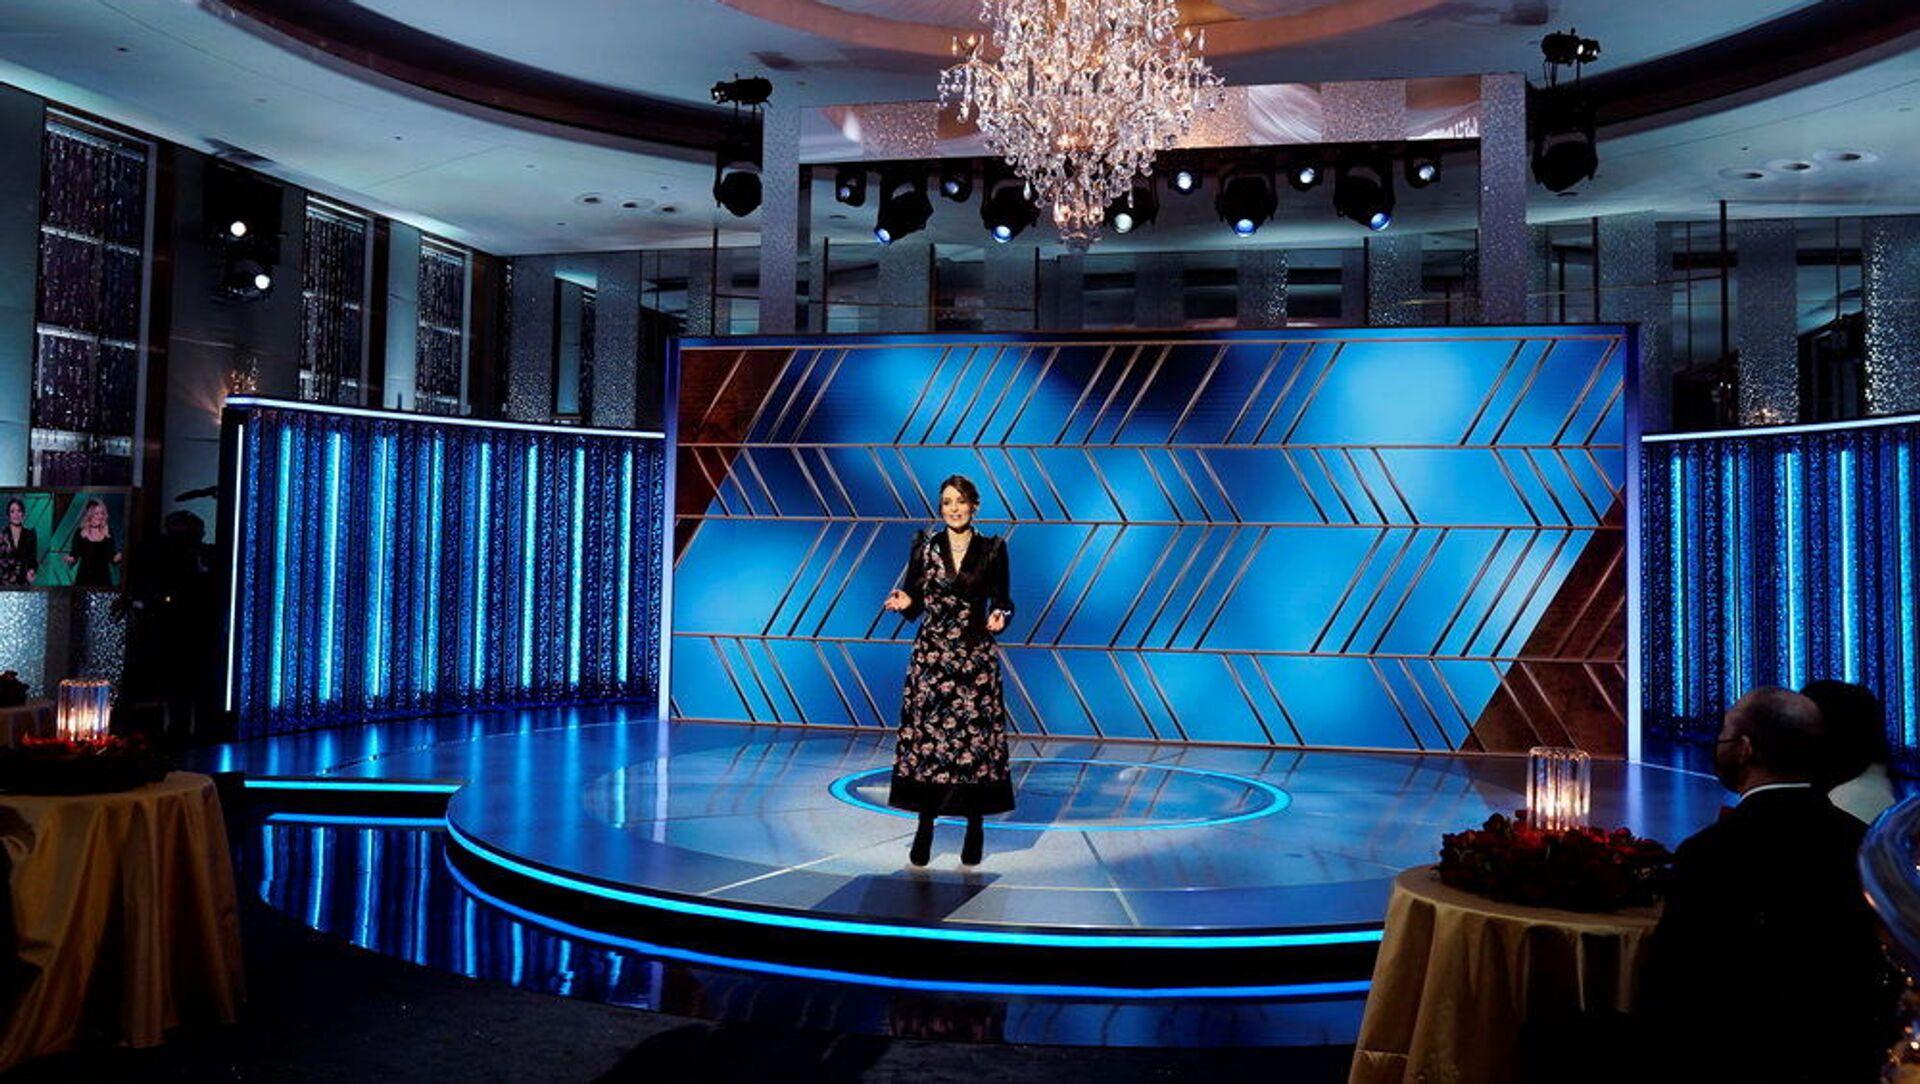 Slavnostní večer uváděly komičky Tina Feyová z New Yorku a Amy Poehlerová z Los Angeles z hotelu Beverly Hilton, kde se tradičně ceny udílejí - Sputnik Česká republika, 1920, 01.03.2021